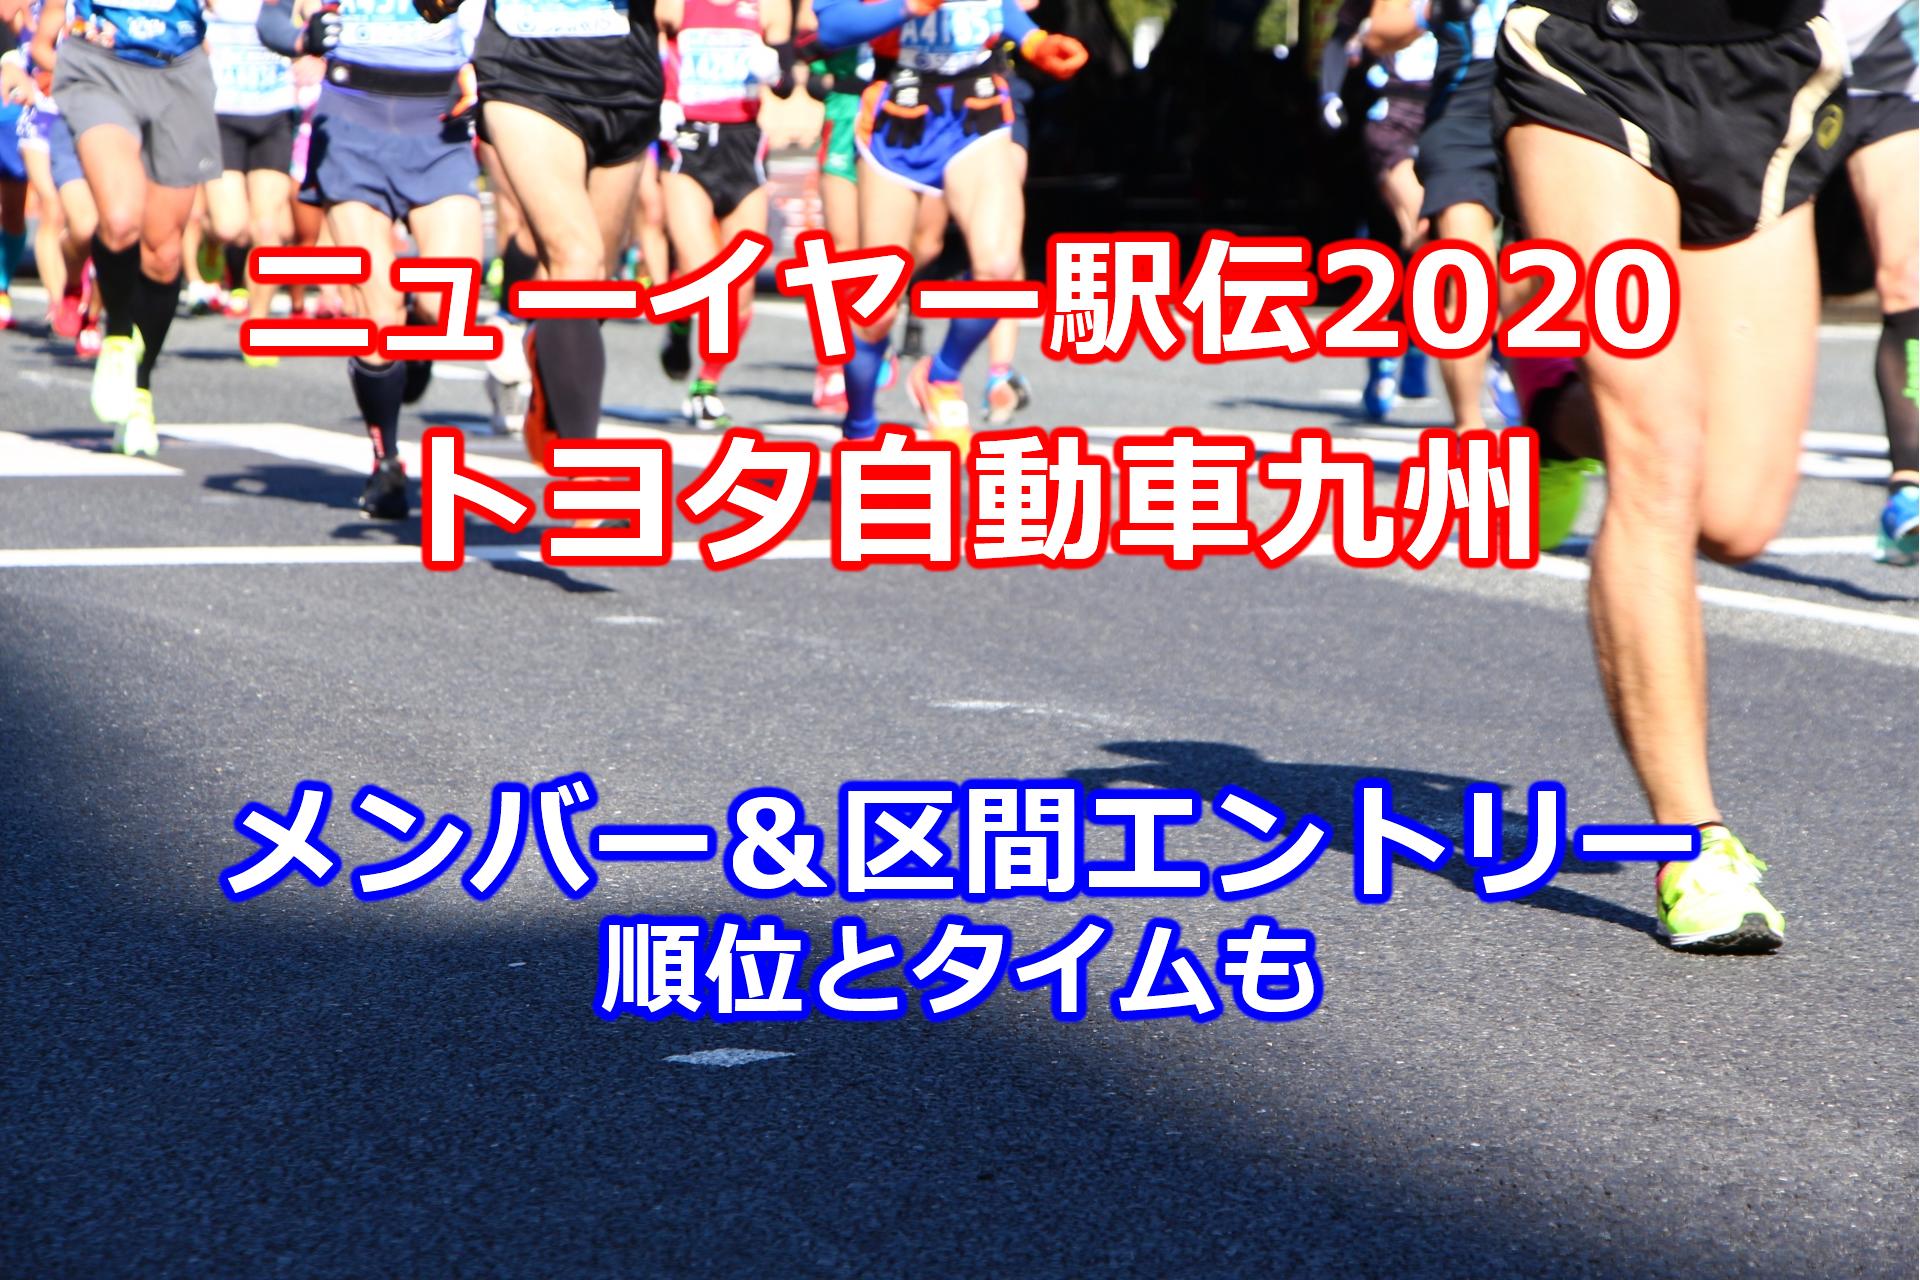 ニューイヤー駅伝2020トヨタ自動車九州メンバー・区間エントリー・結果・順位・タイムまとめ